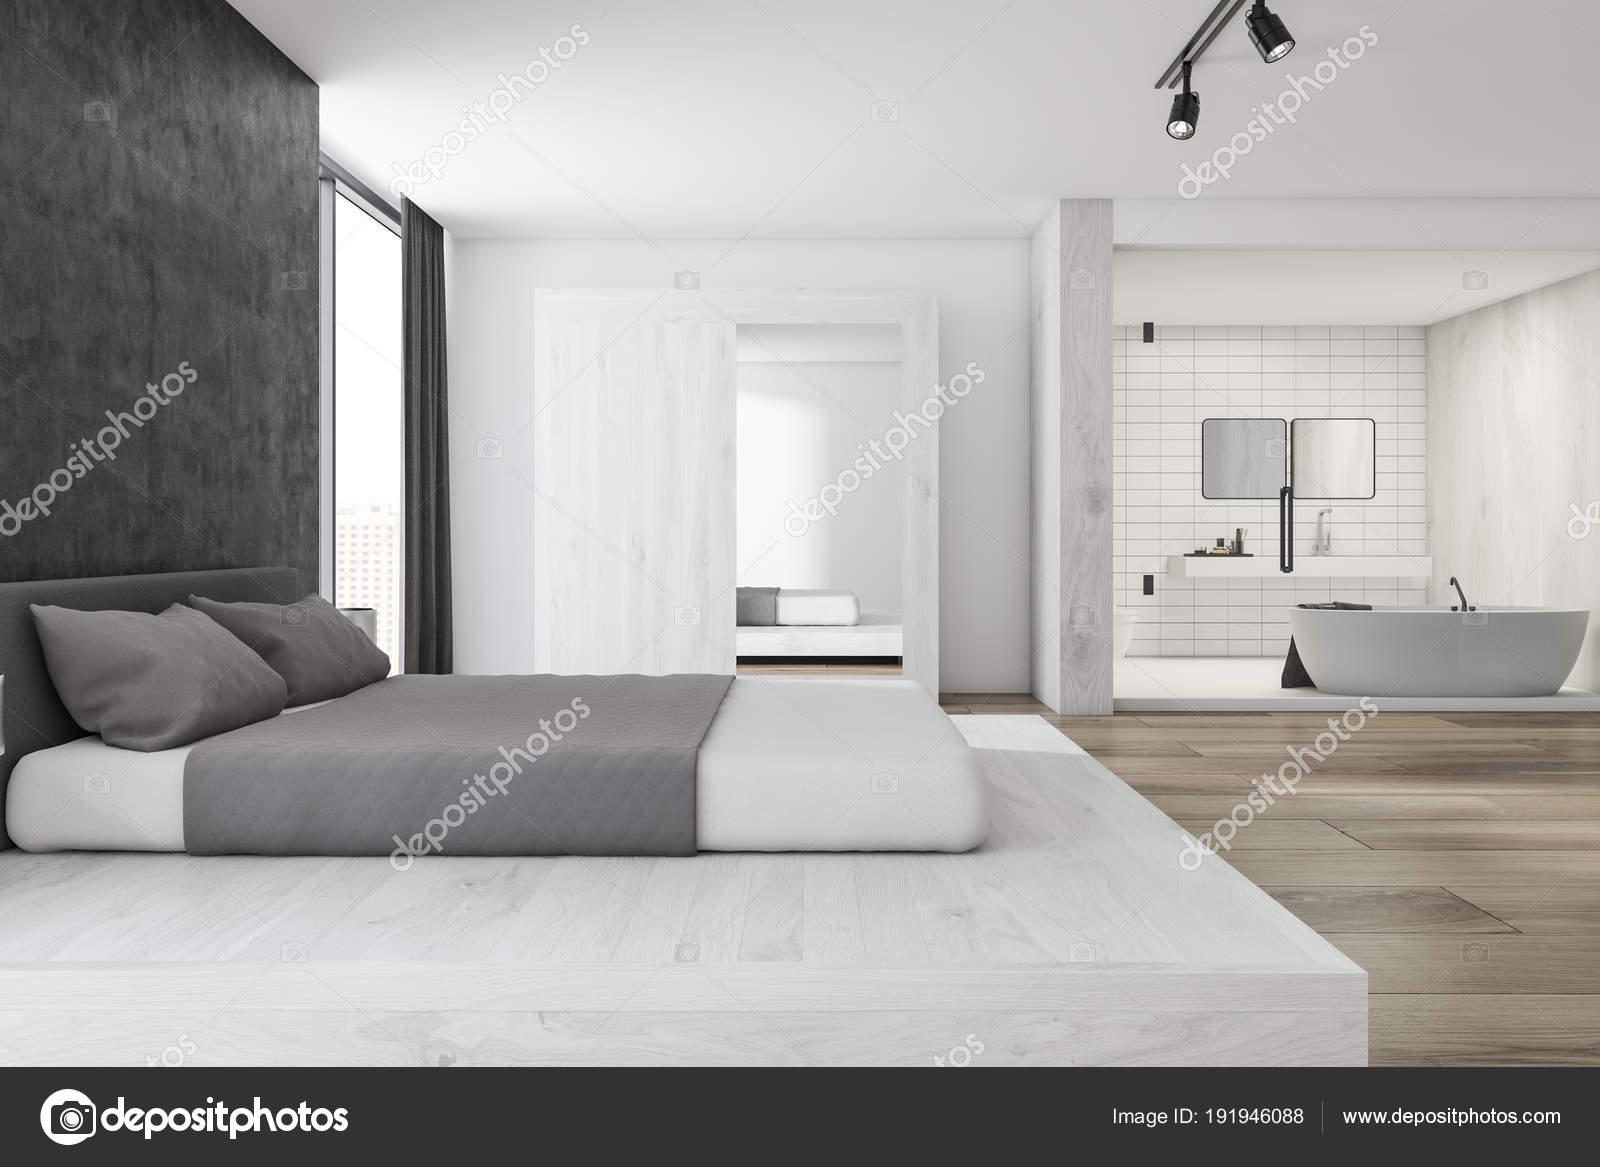 Moderne Schlafzimmer und Badezimmer Interieur — Stockfoto ...